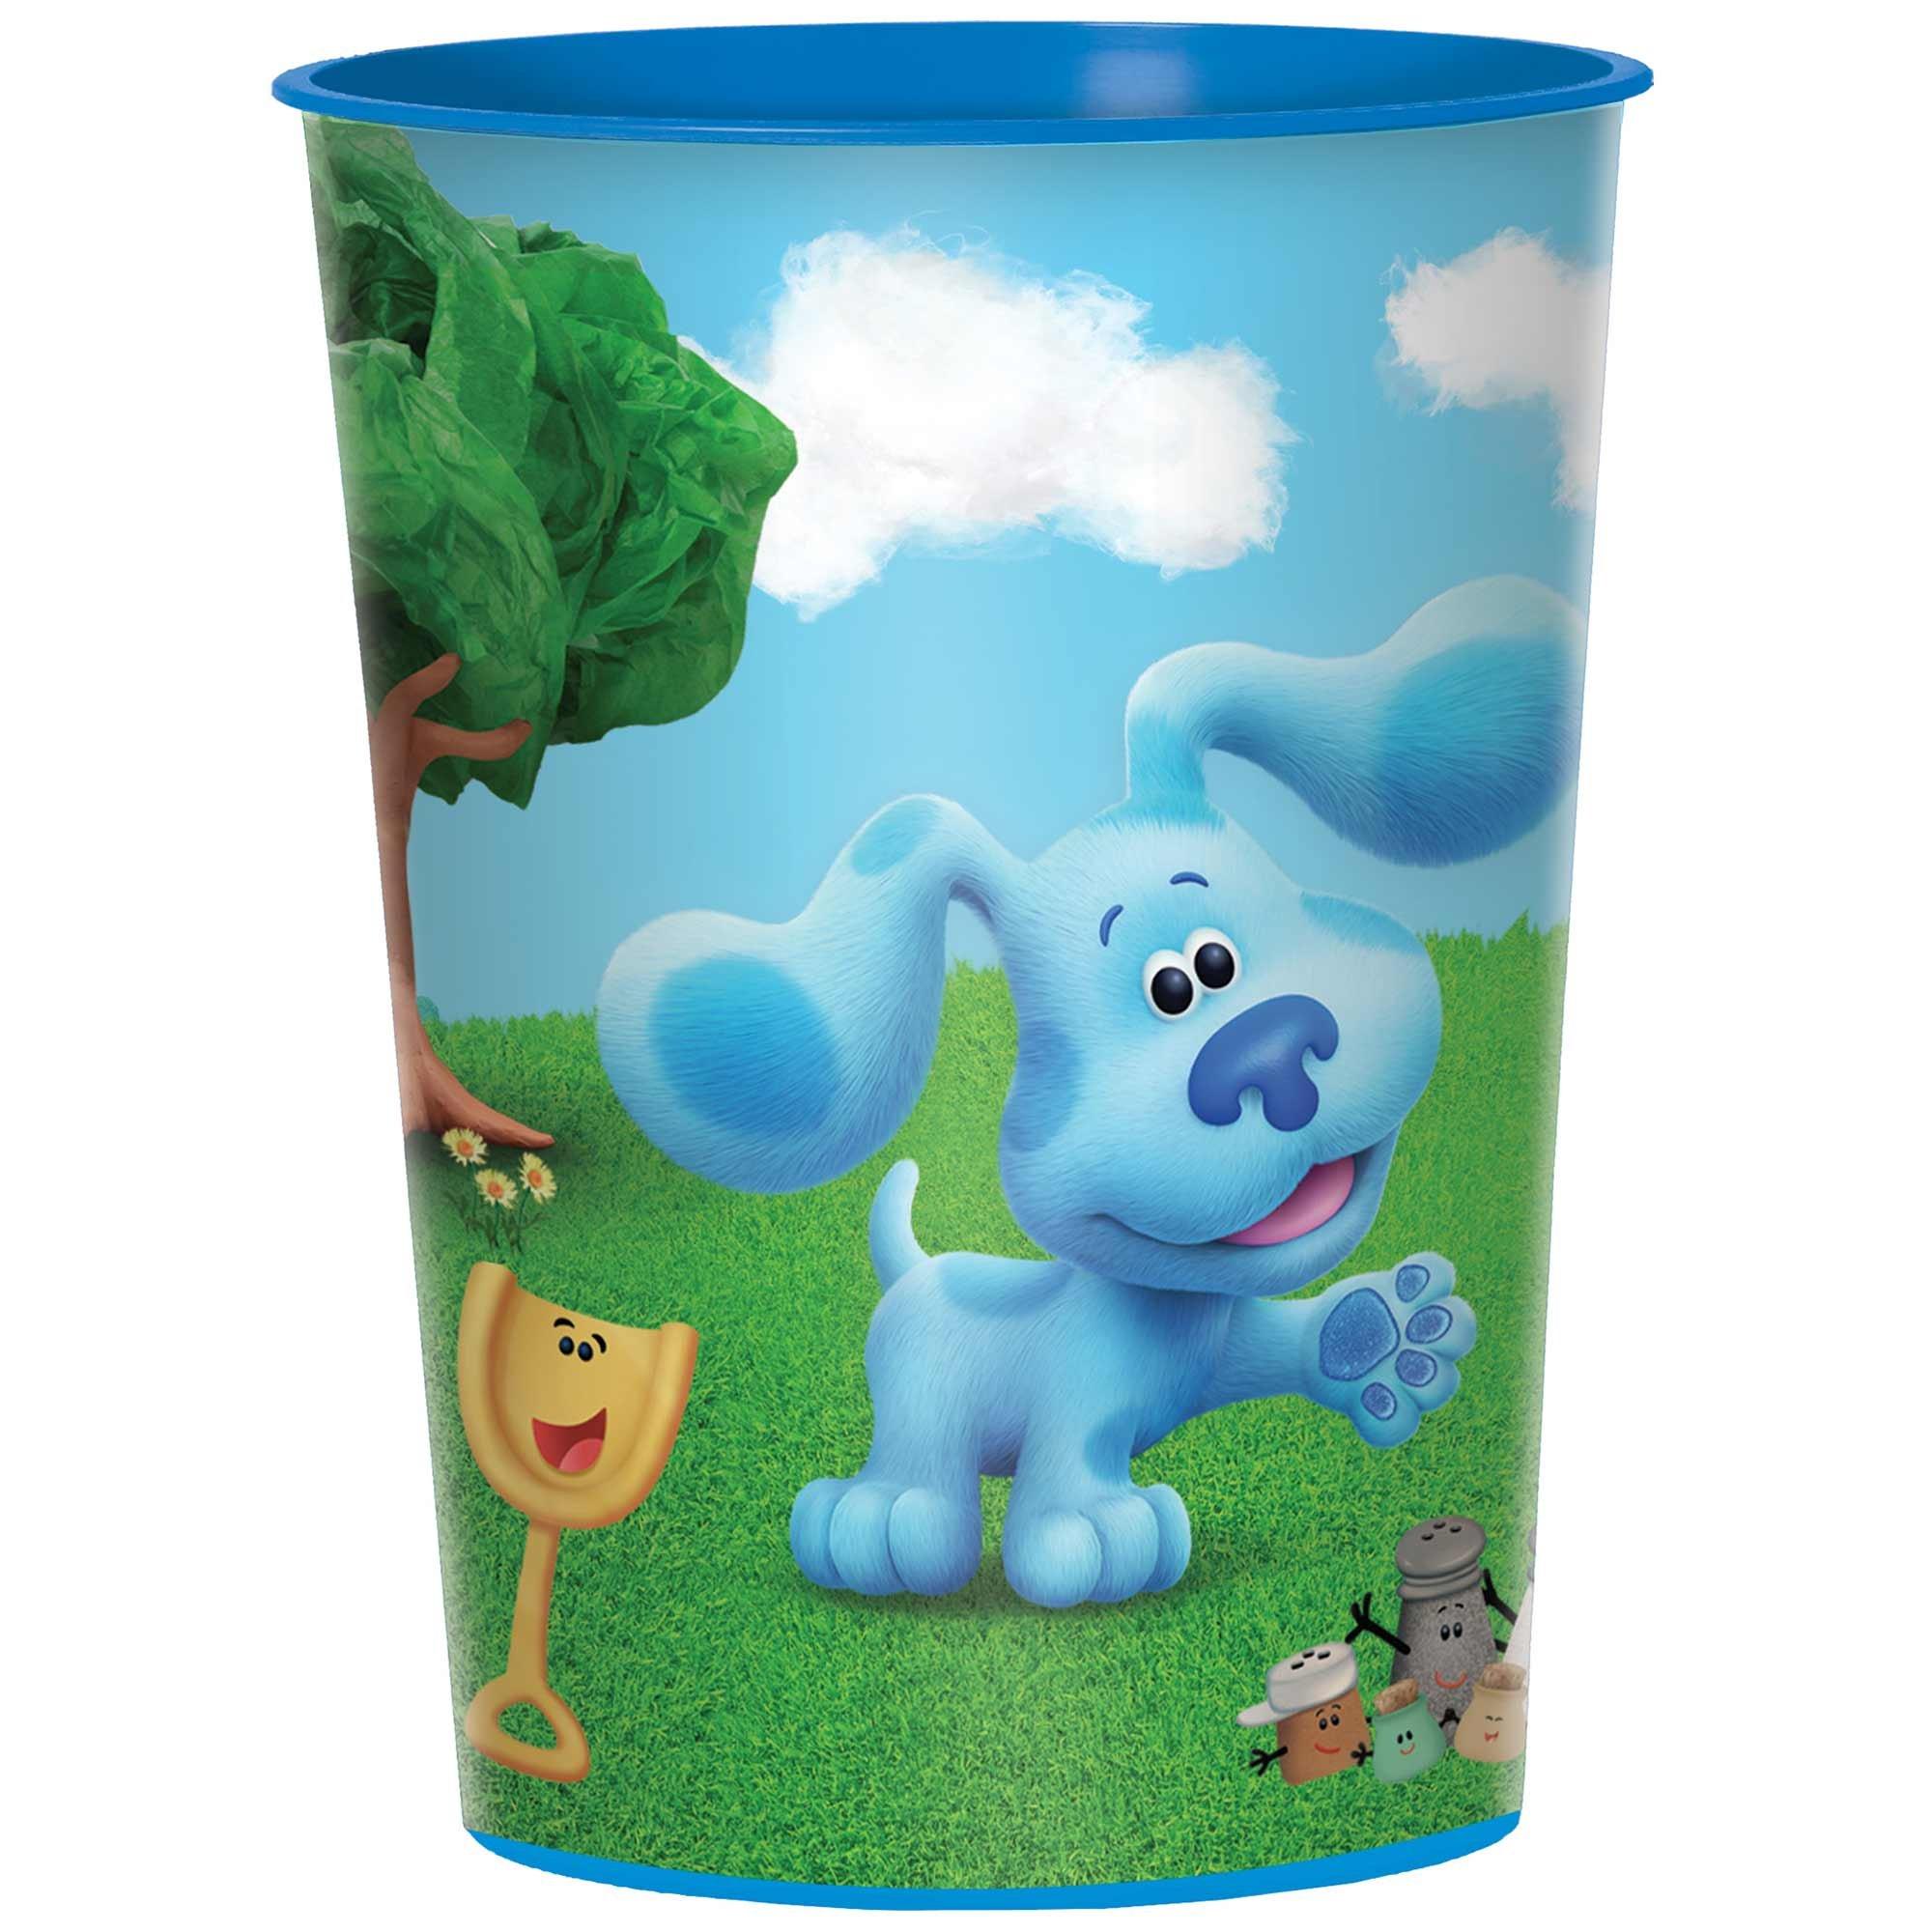 Blue's Clues Favor Cup Plastic 473ml